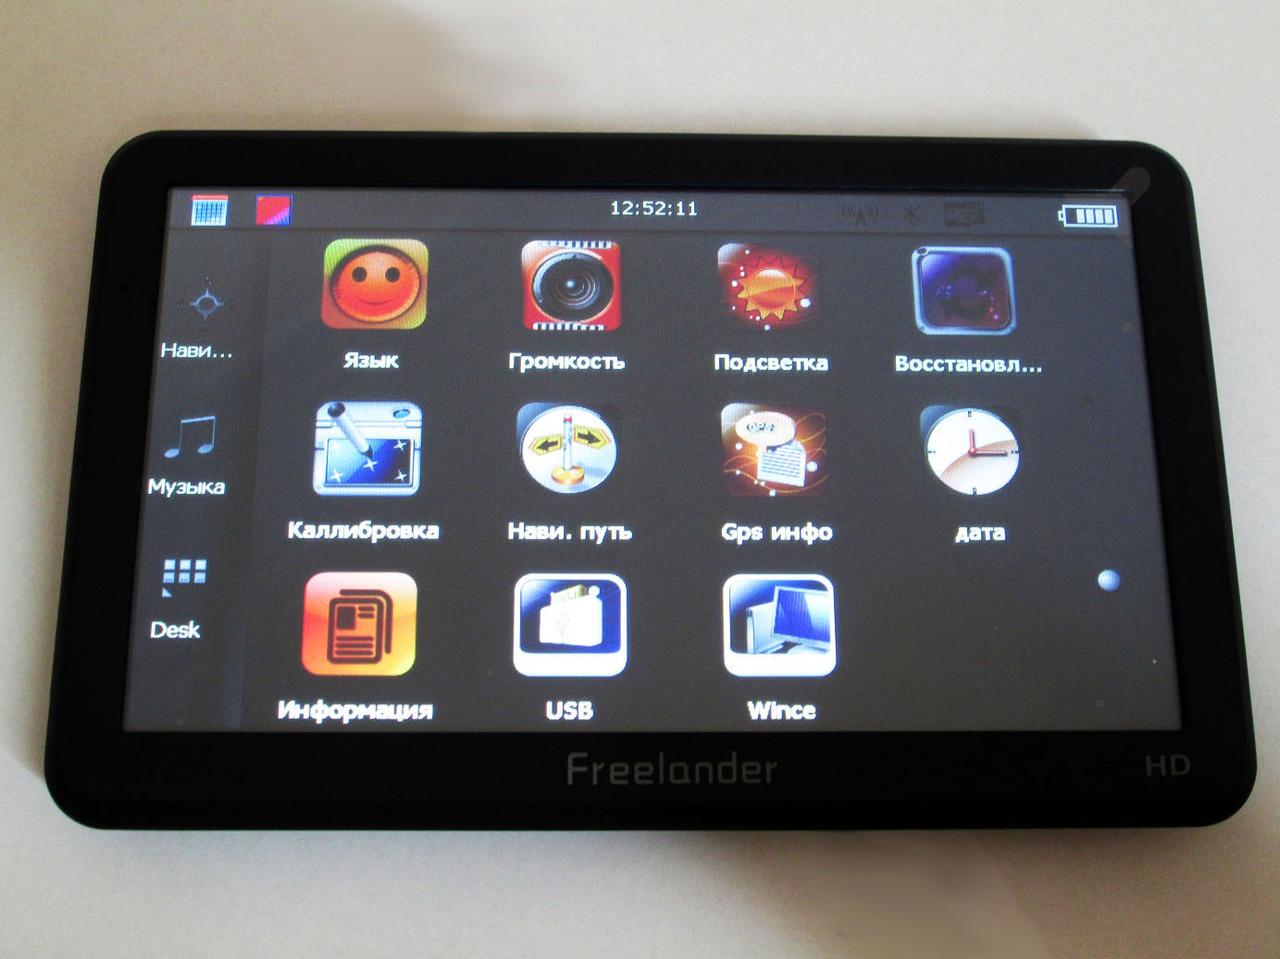 """7"""" GPS Навигатор  Freelander G711BT 4Gb+AV-in+BT"""